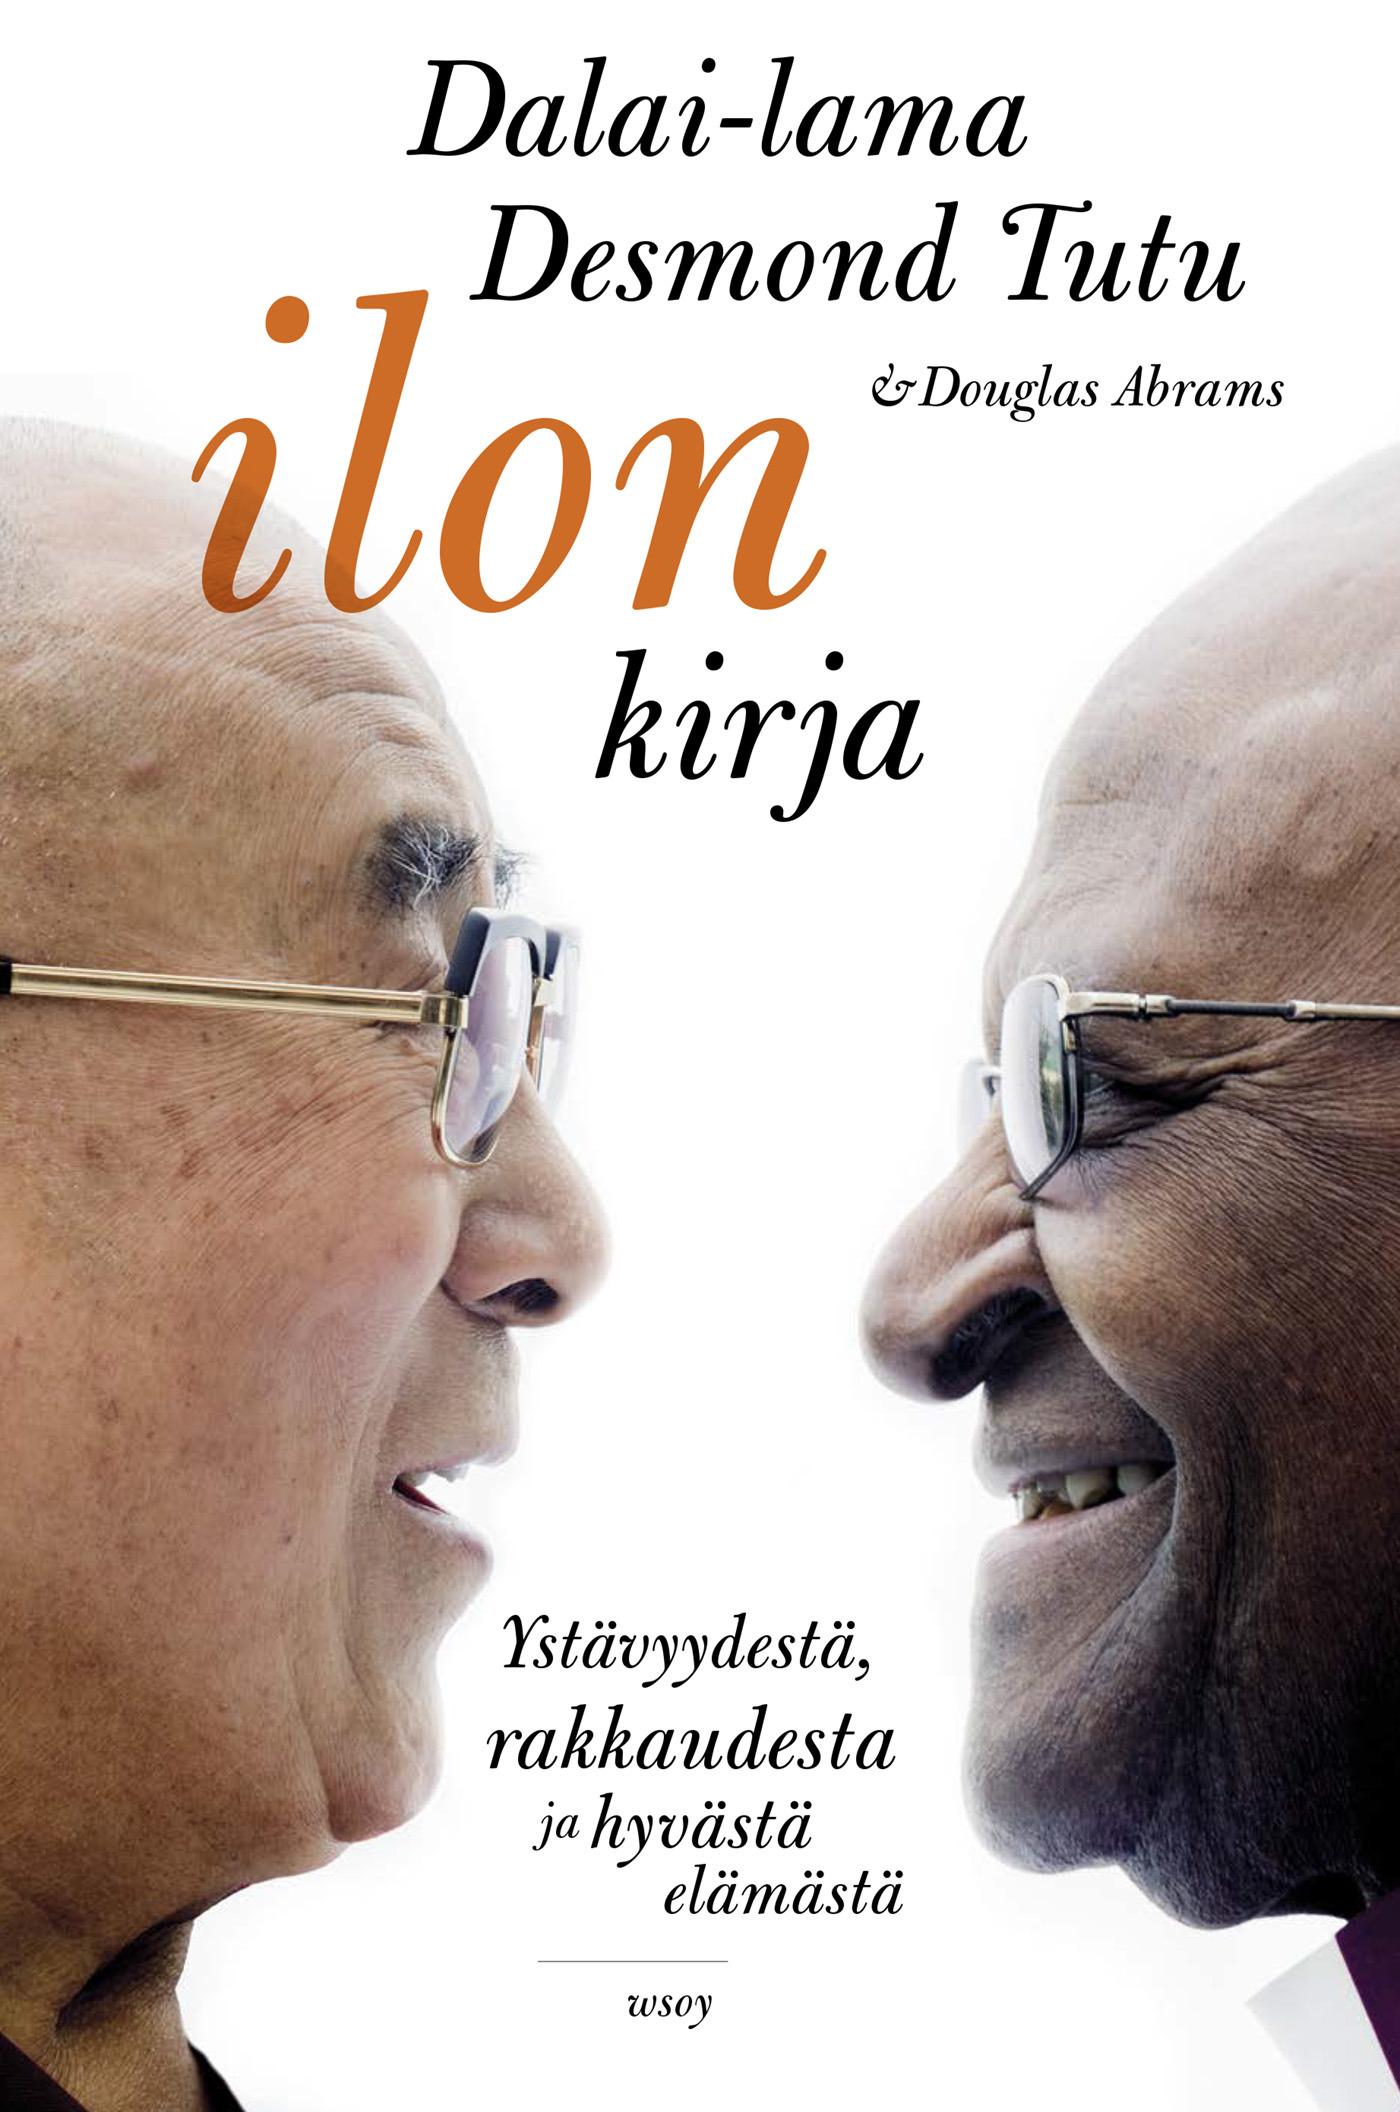 Tutu, Desmond - Ilon kirja: Ystävyydestä, rakkaudesta ja hyvästä elämästä, e-kirja